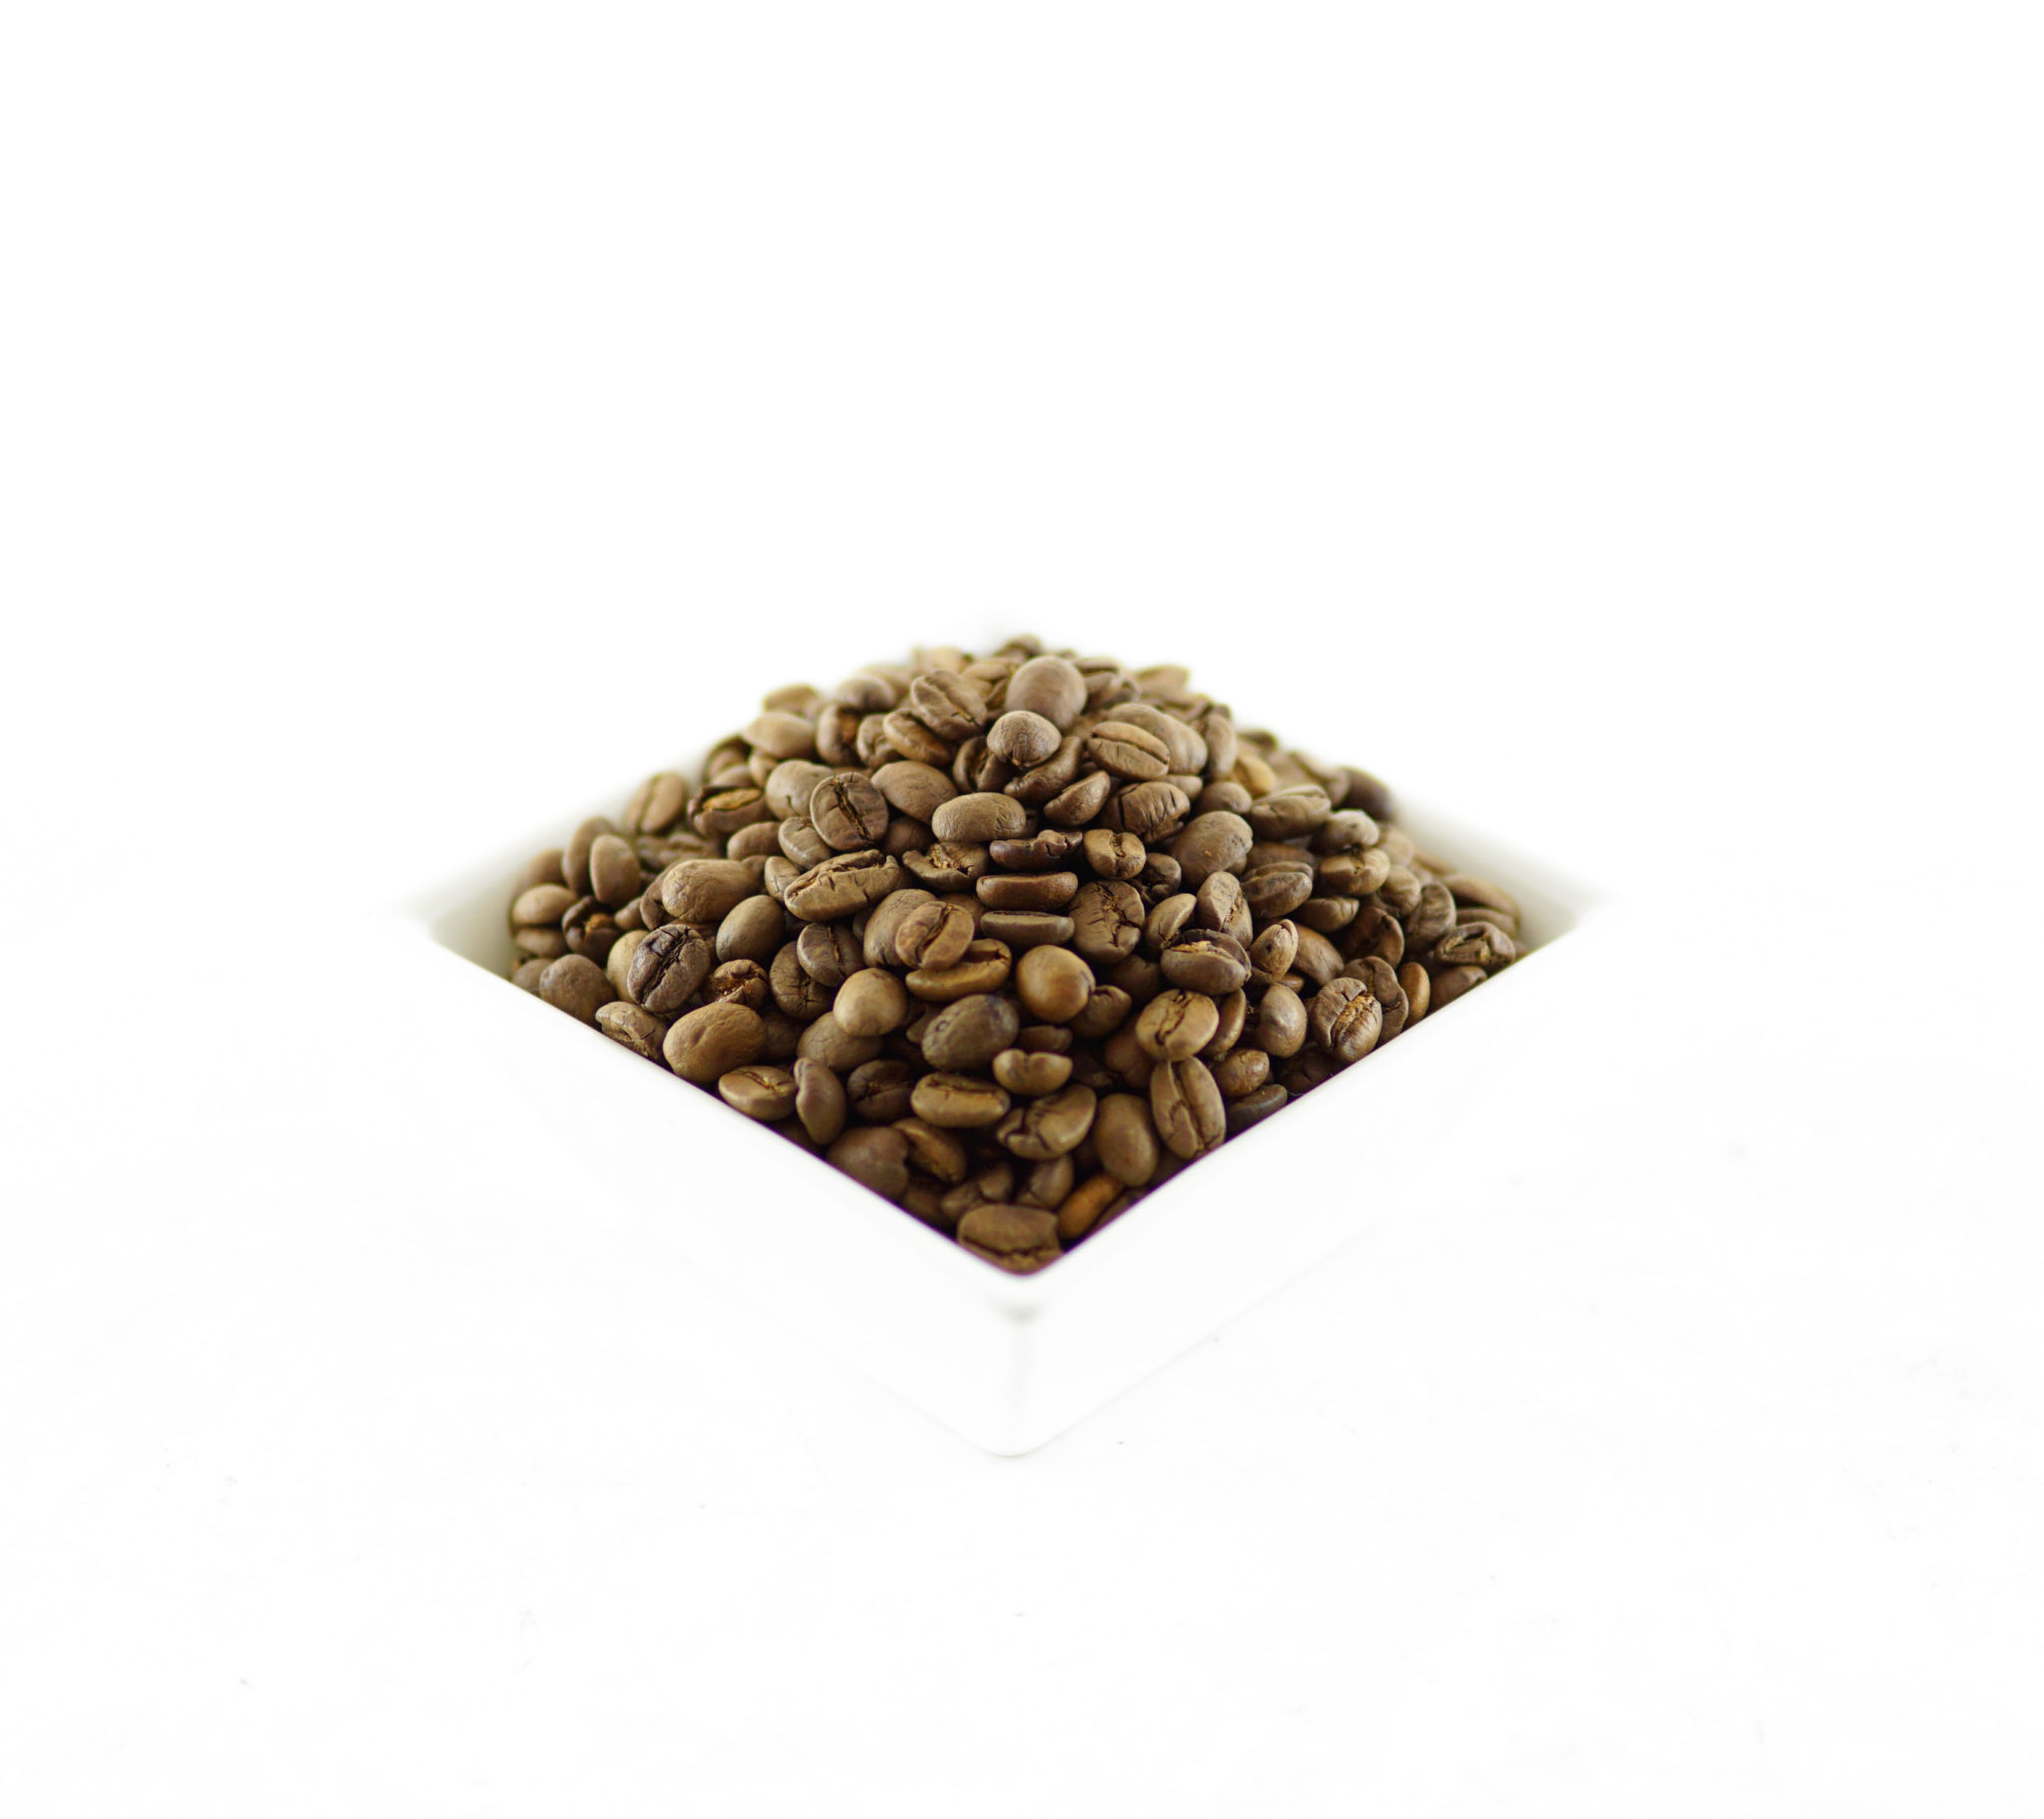 Свежеобжаренный кофе купить в москве недорого